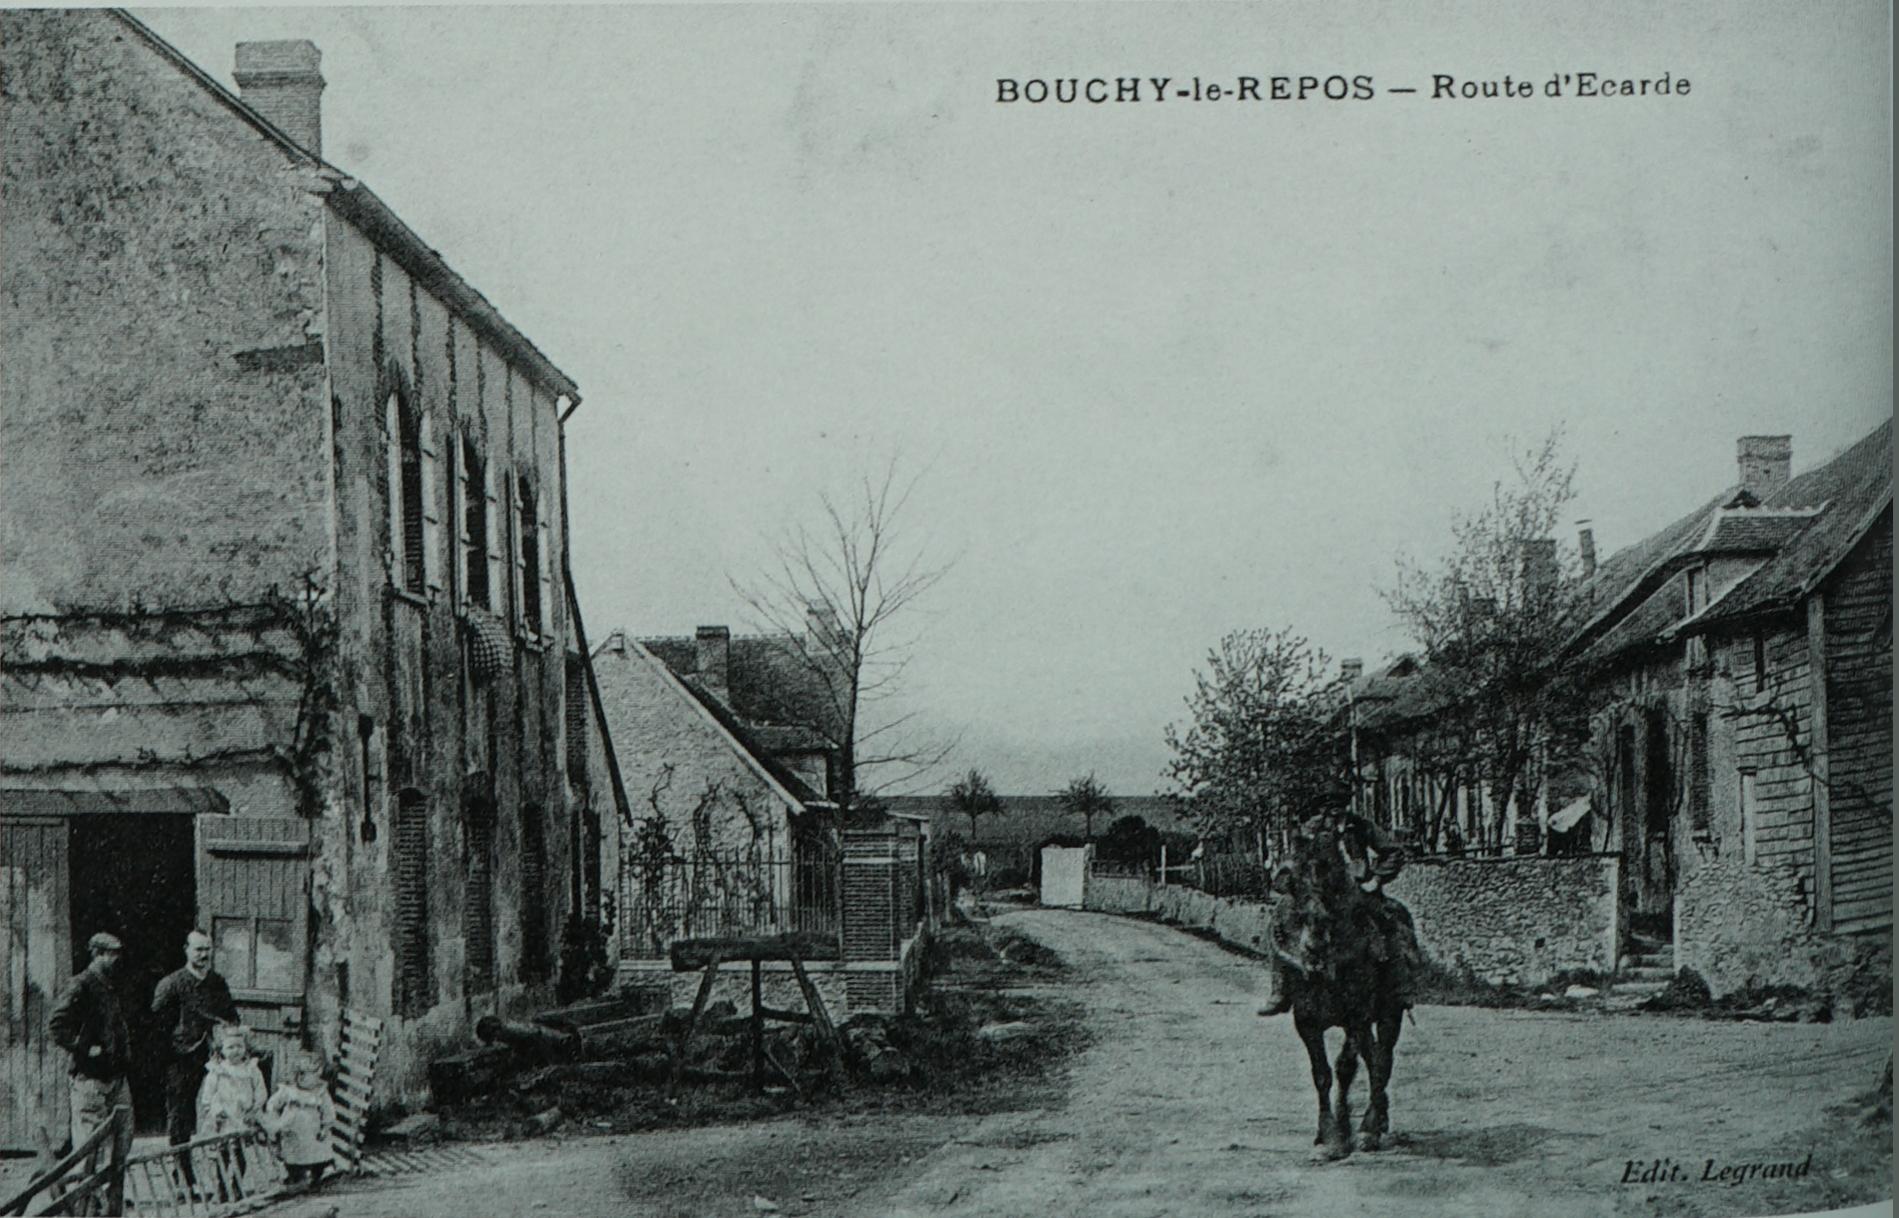 Bouchy-Saint-Genest